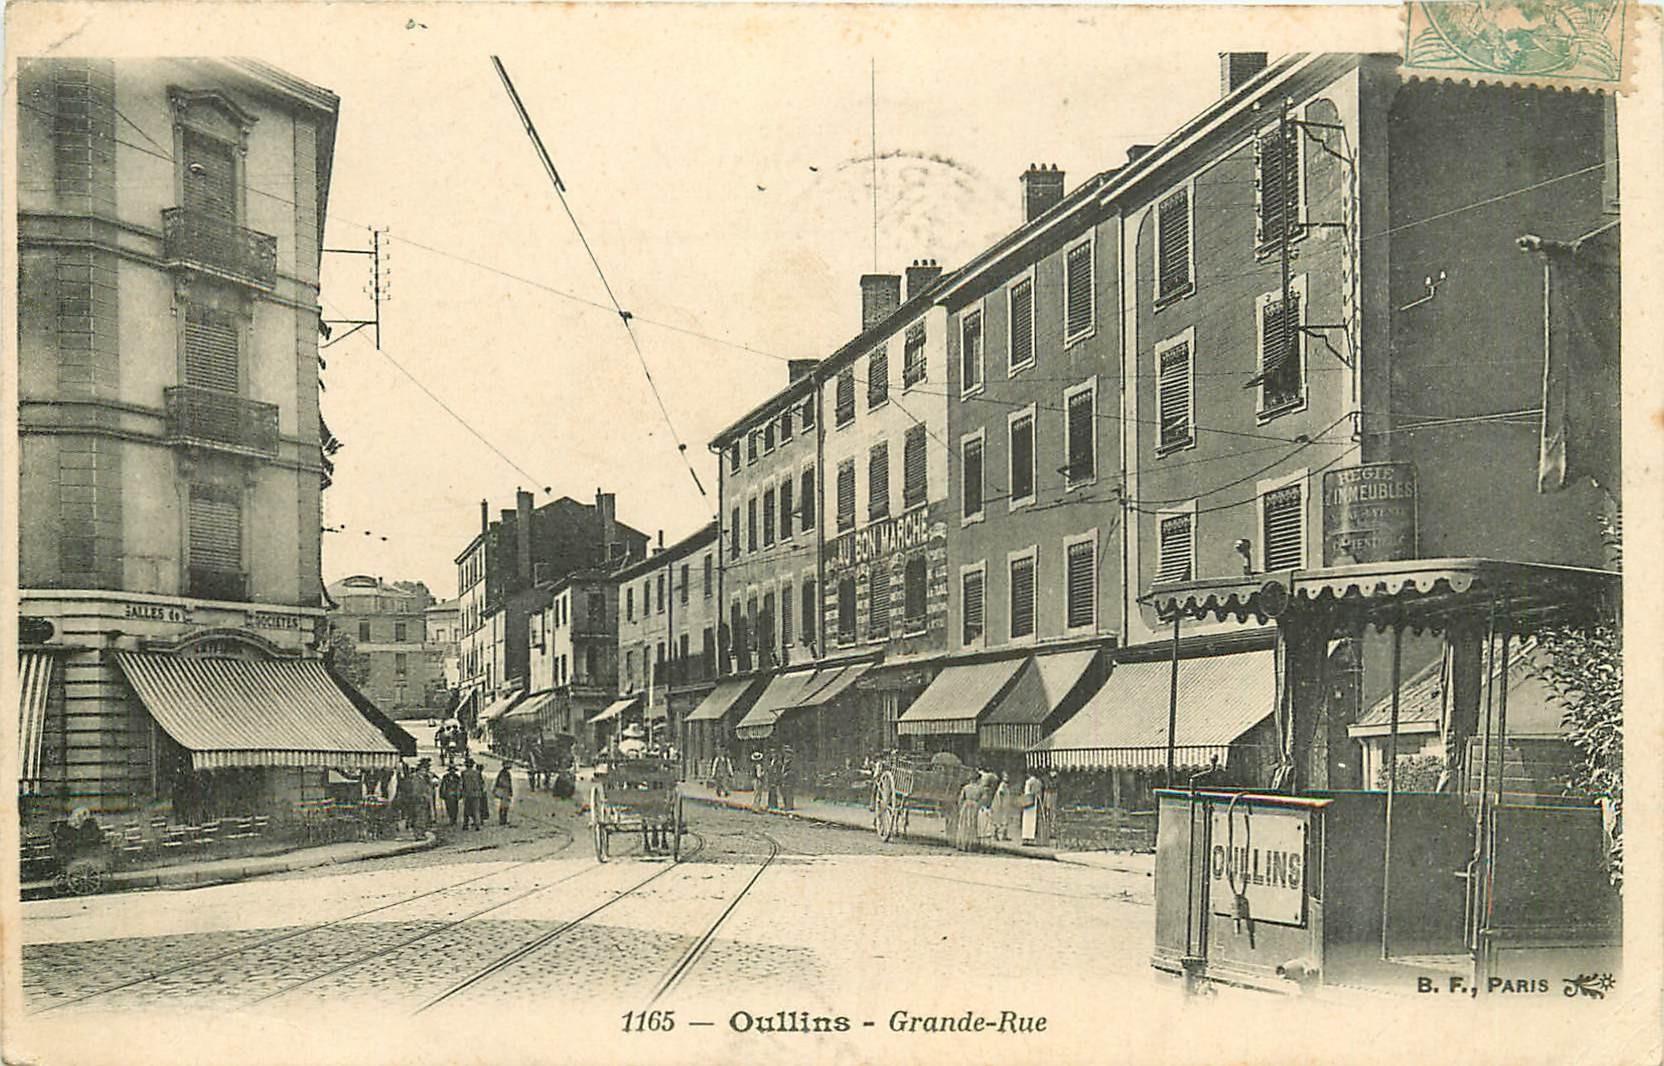 69 OULLINS. Au Bon Marché sur Grande-Rue 1906